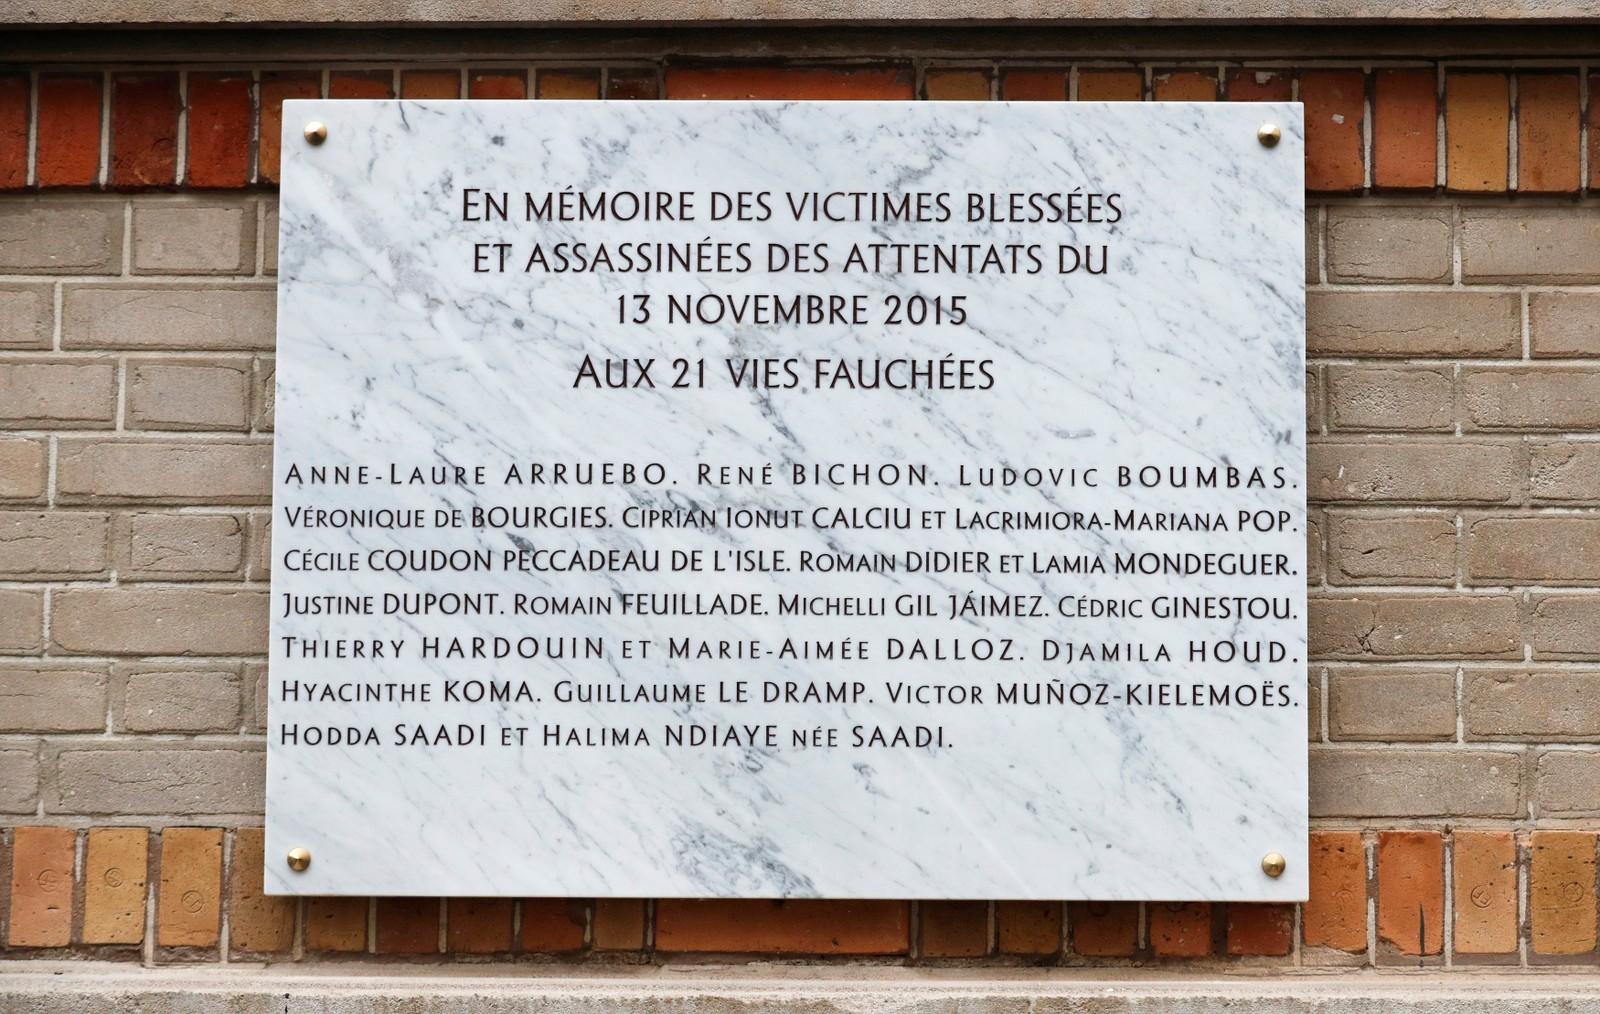 """Minnetavlen utenfor kafeen """"La Belle Equipe"""" i Paris bærer navnene til dem som ble drept i terrorangrepet."""